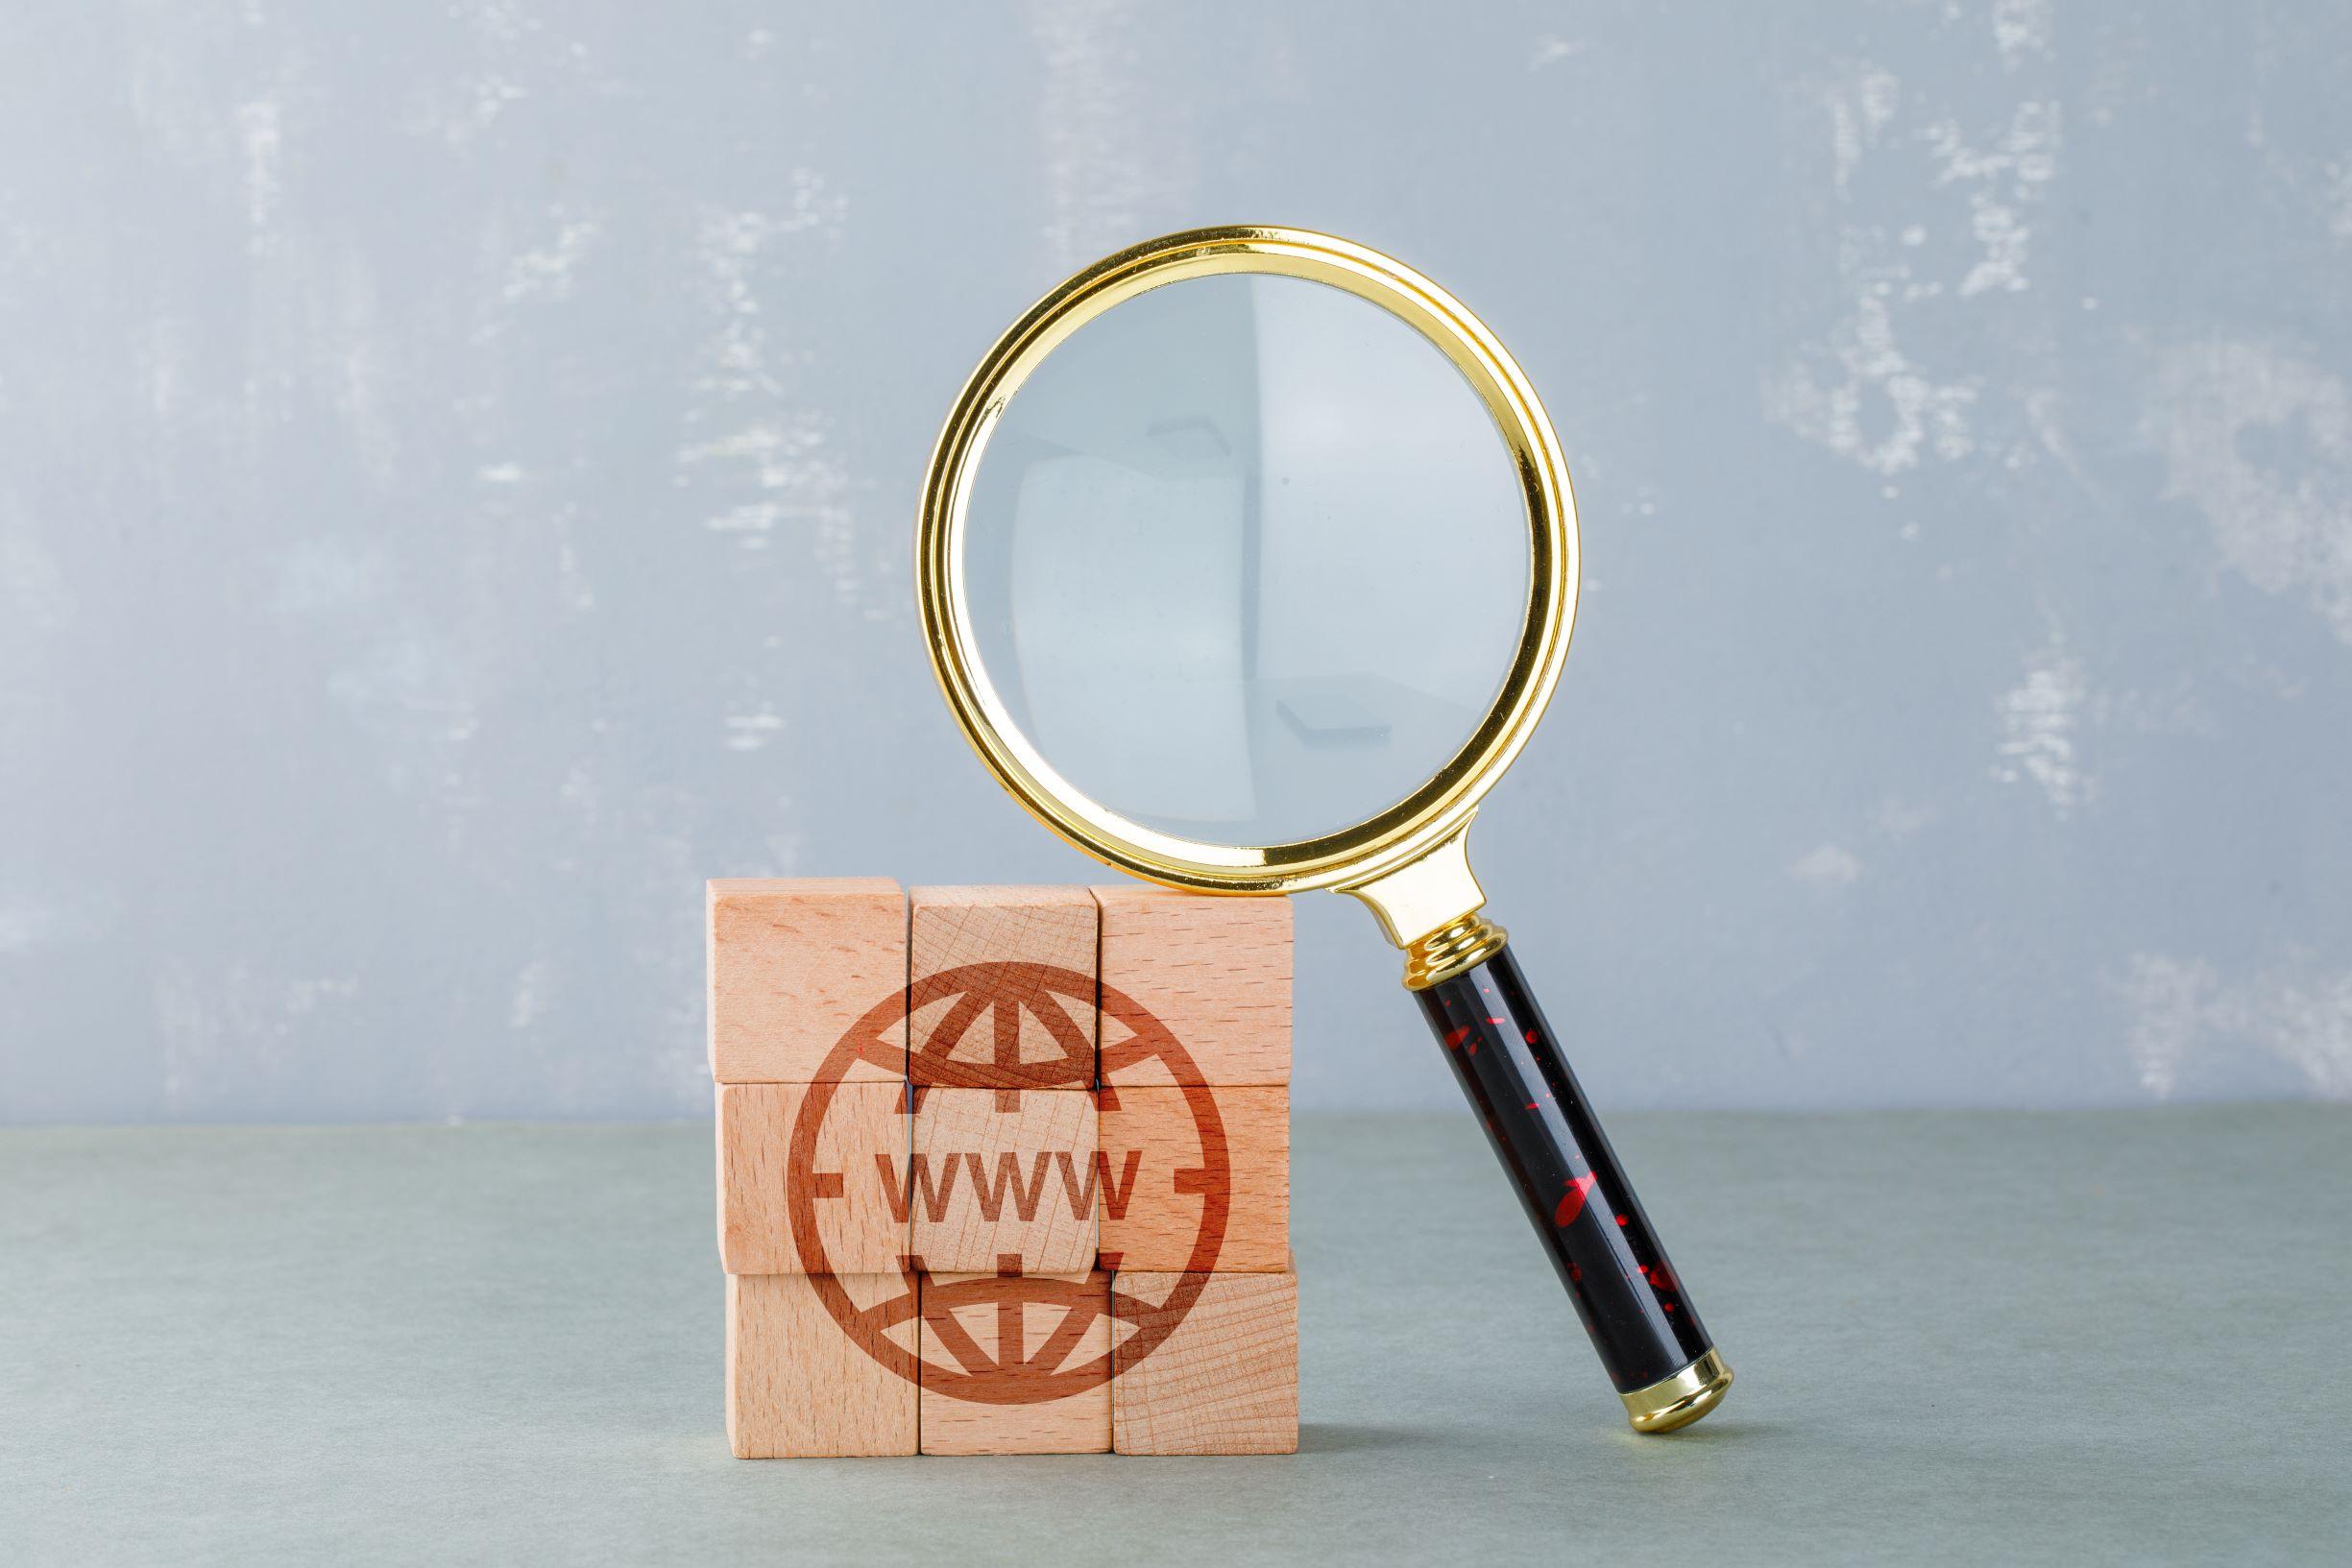 Lakukan Search Engine Marketing (SEM) untuk Meningkatkan Konversi Profit Bisnismu